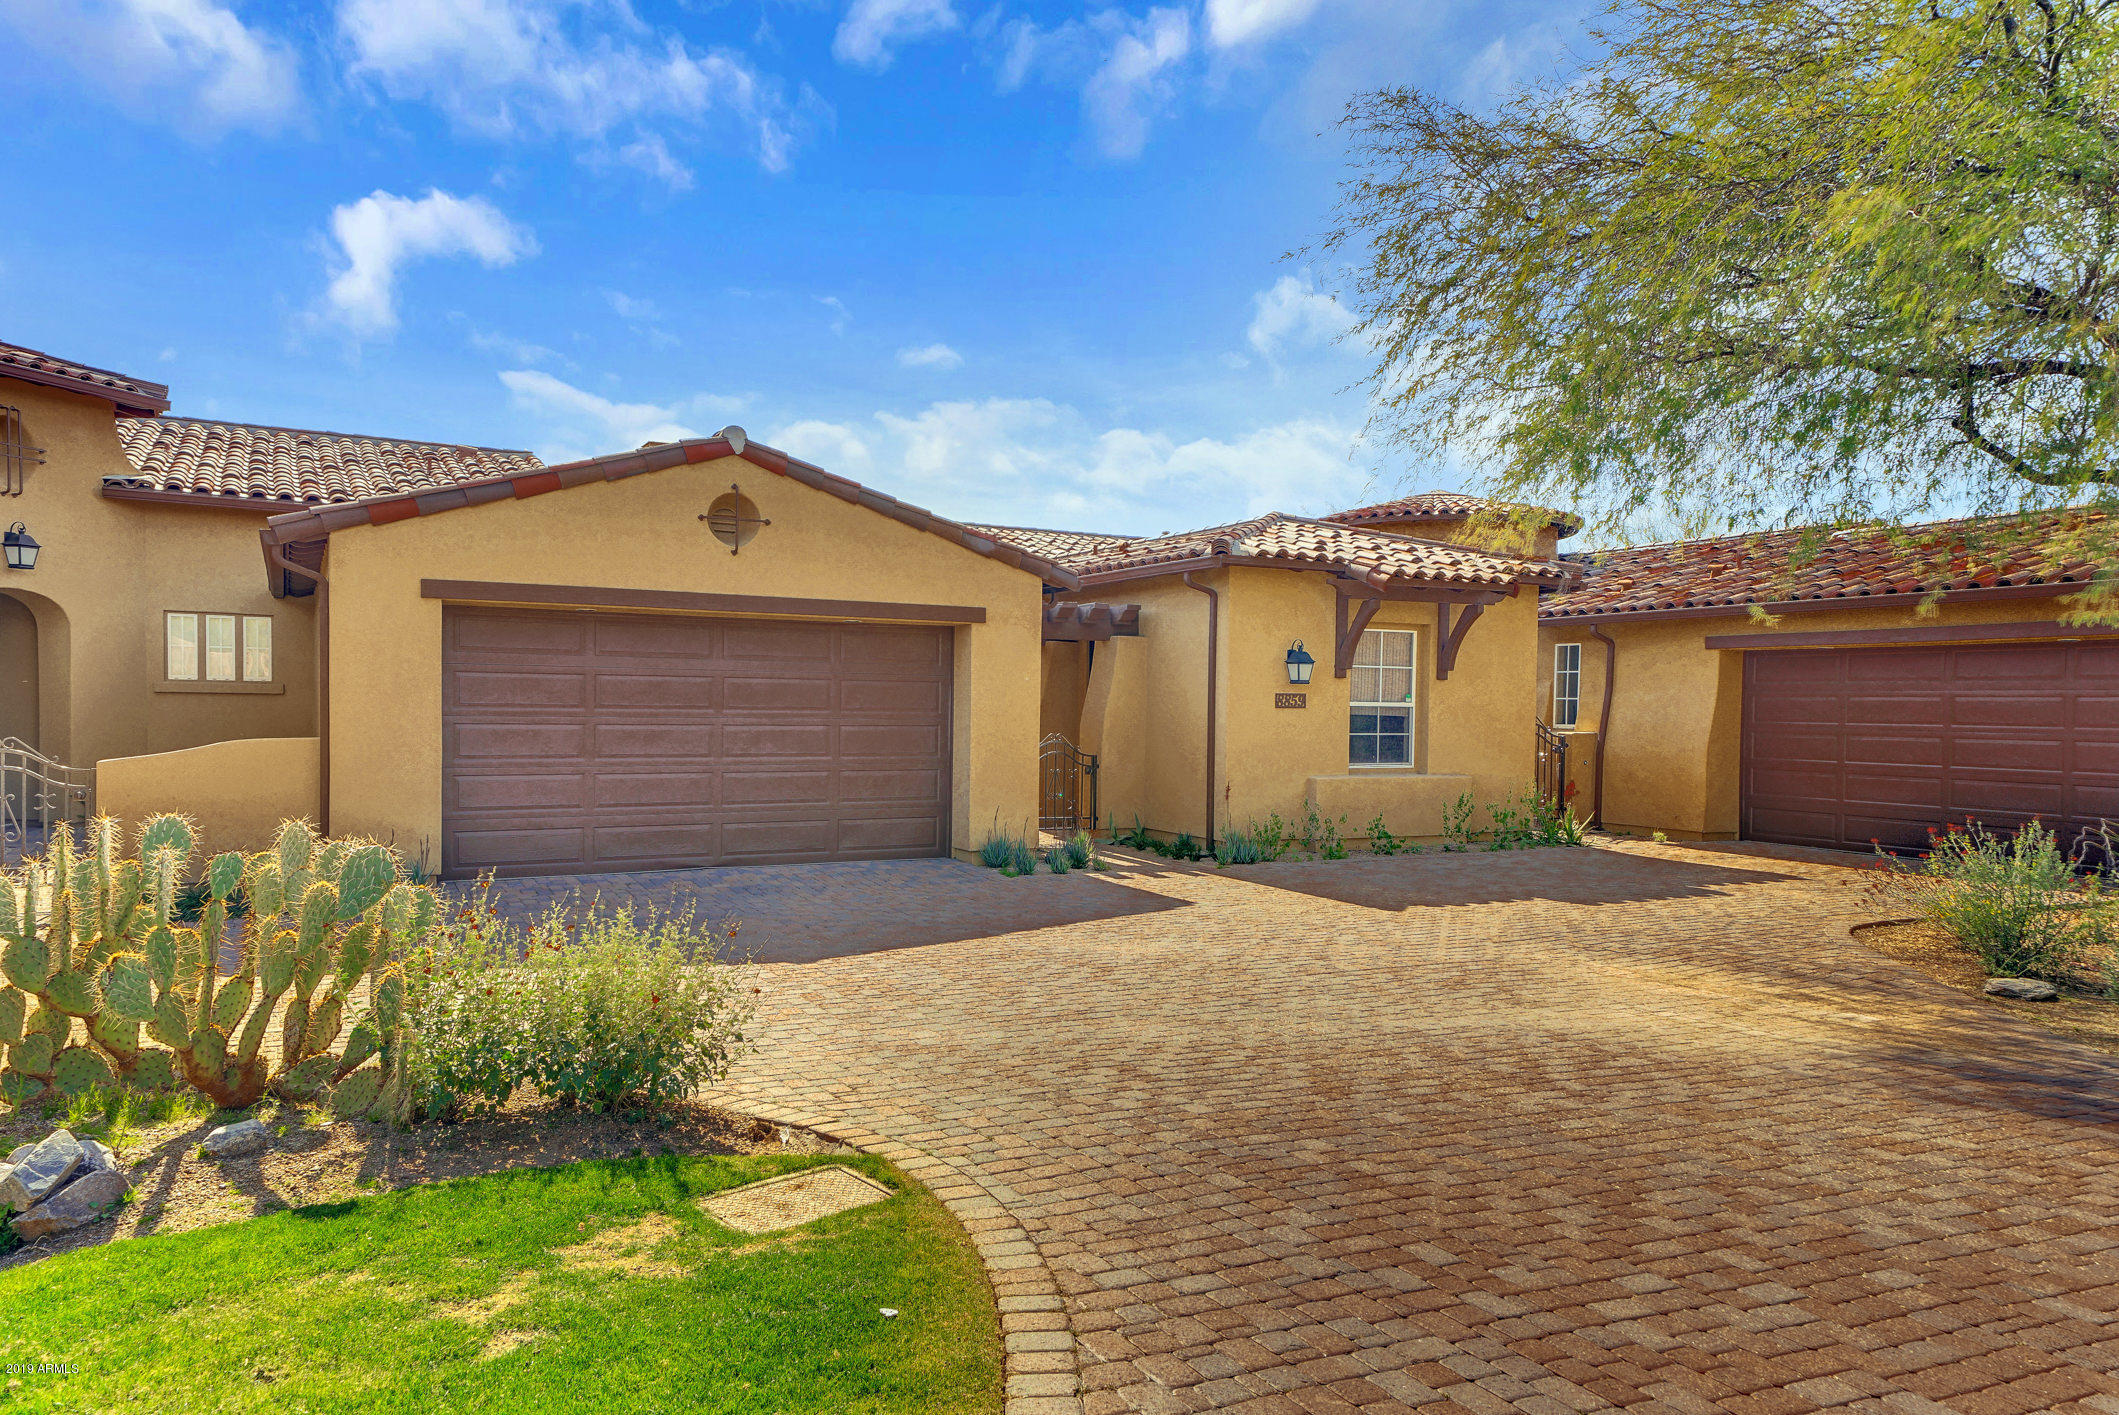 Photo of 8859 E MOUNTAIN SPRING Road, Scottsdale, AZ 85255